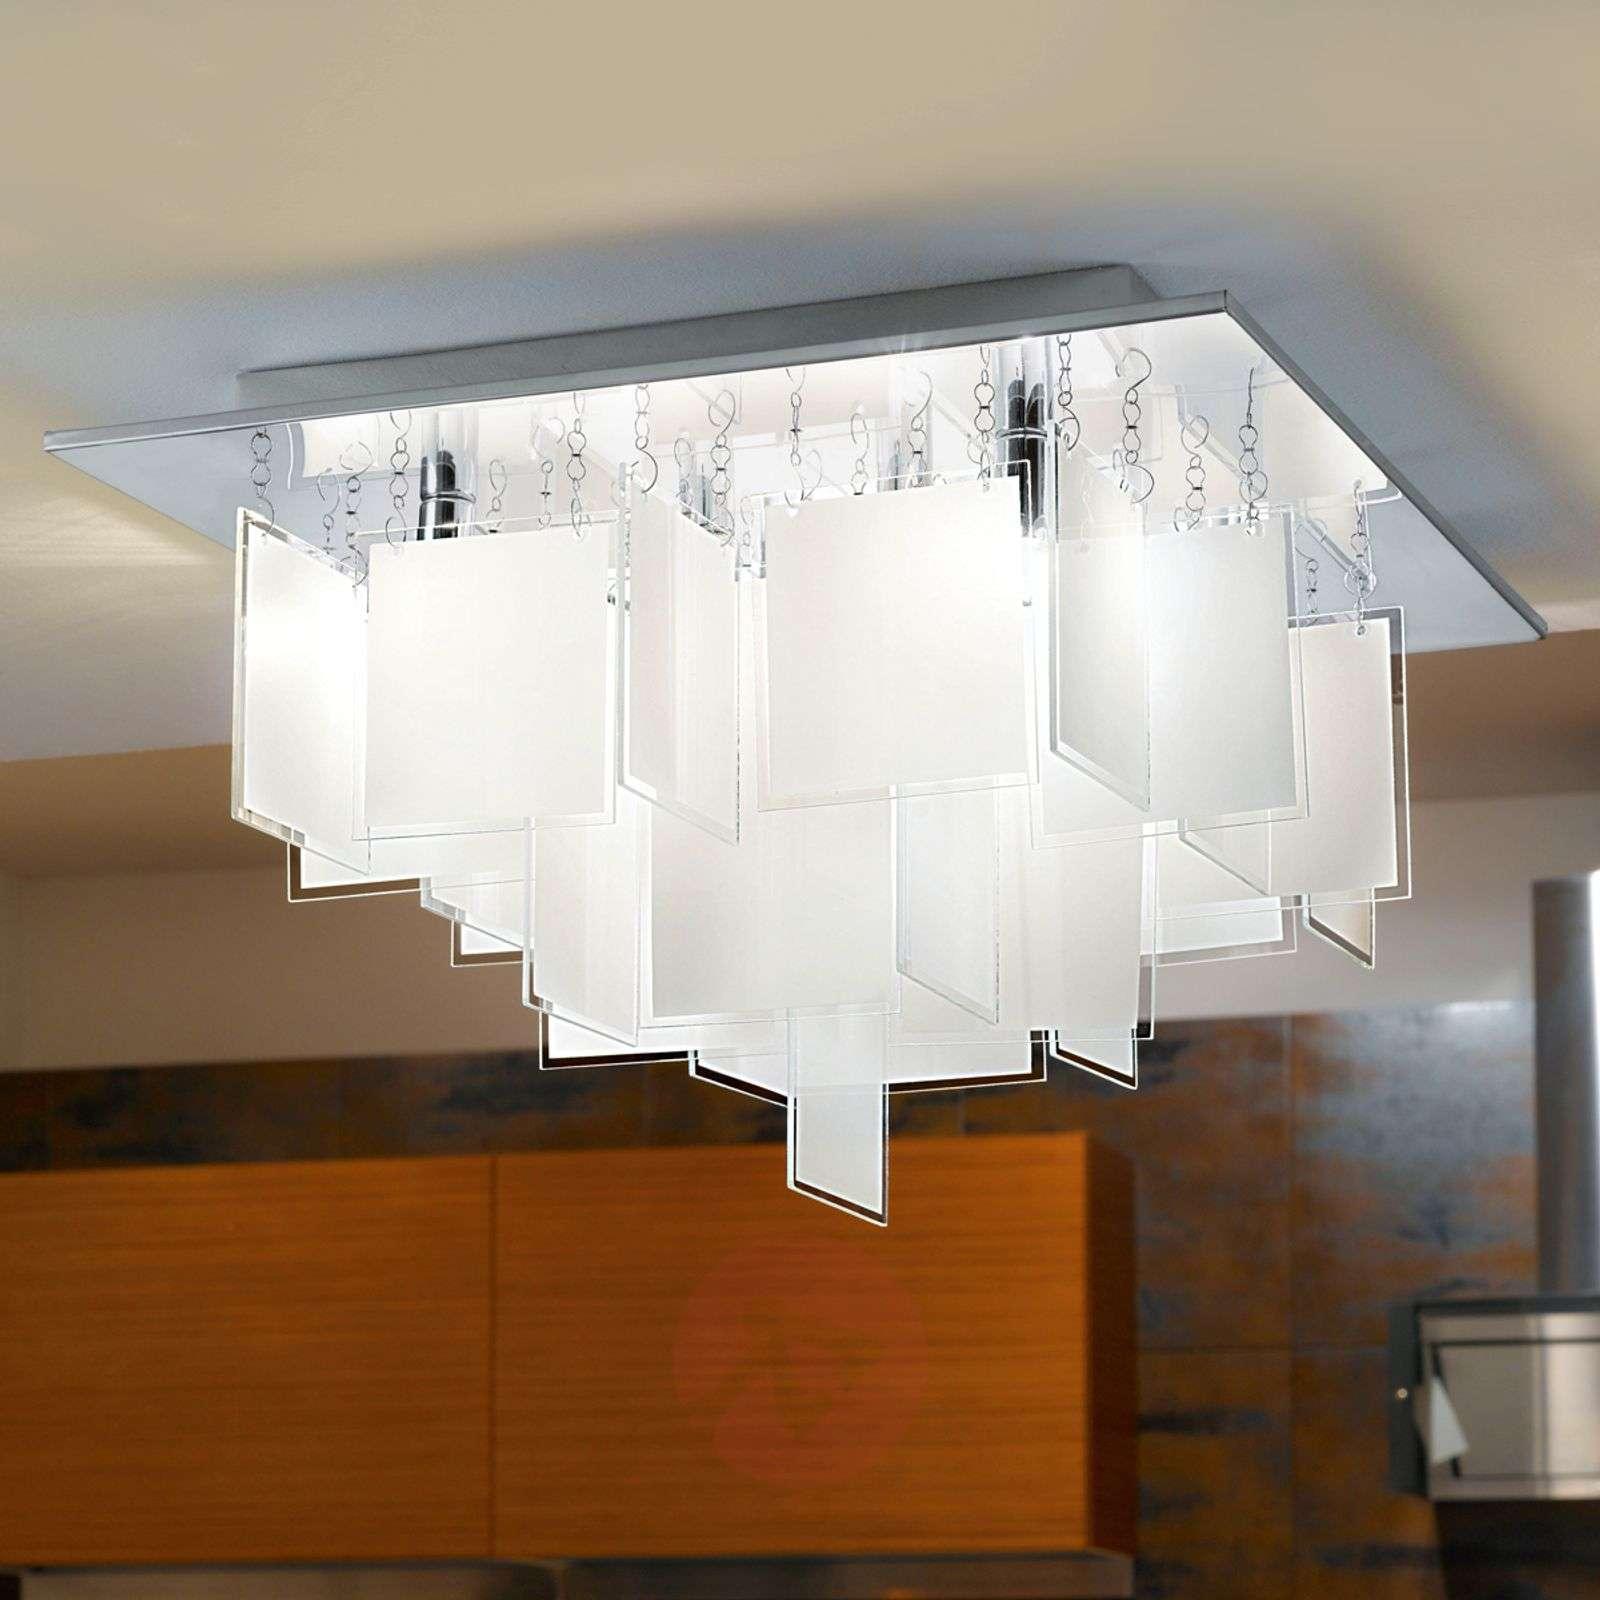 Condrada 1 Unique Ceiling Lamp Gl Hangings 3031548 01